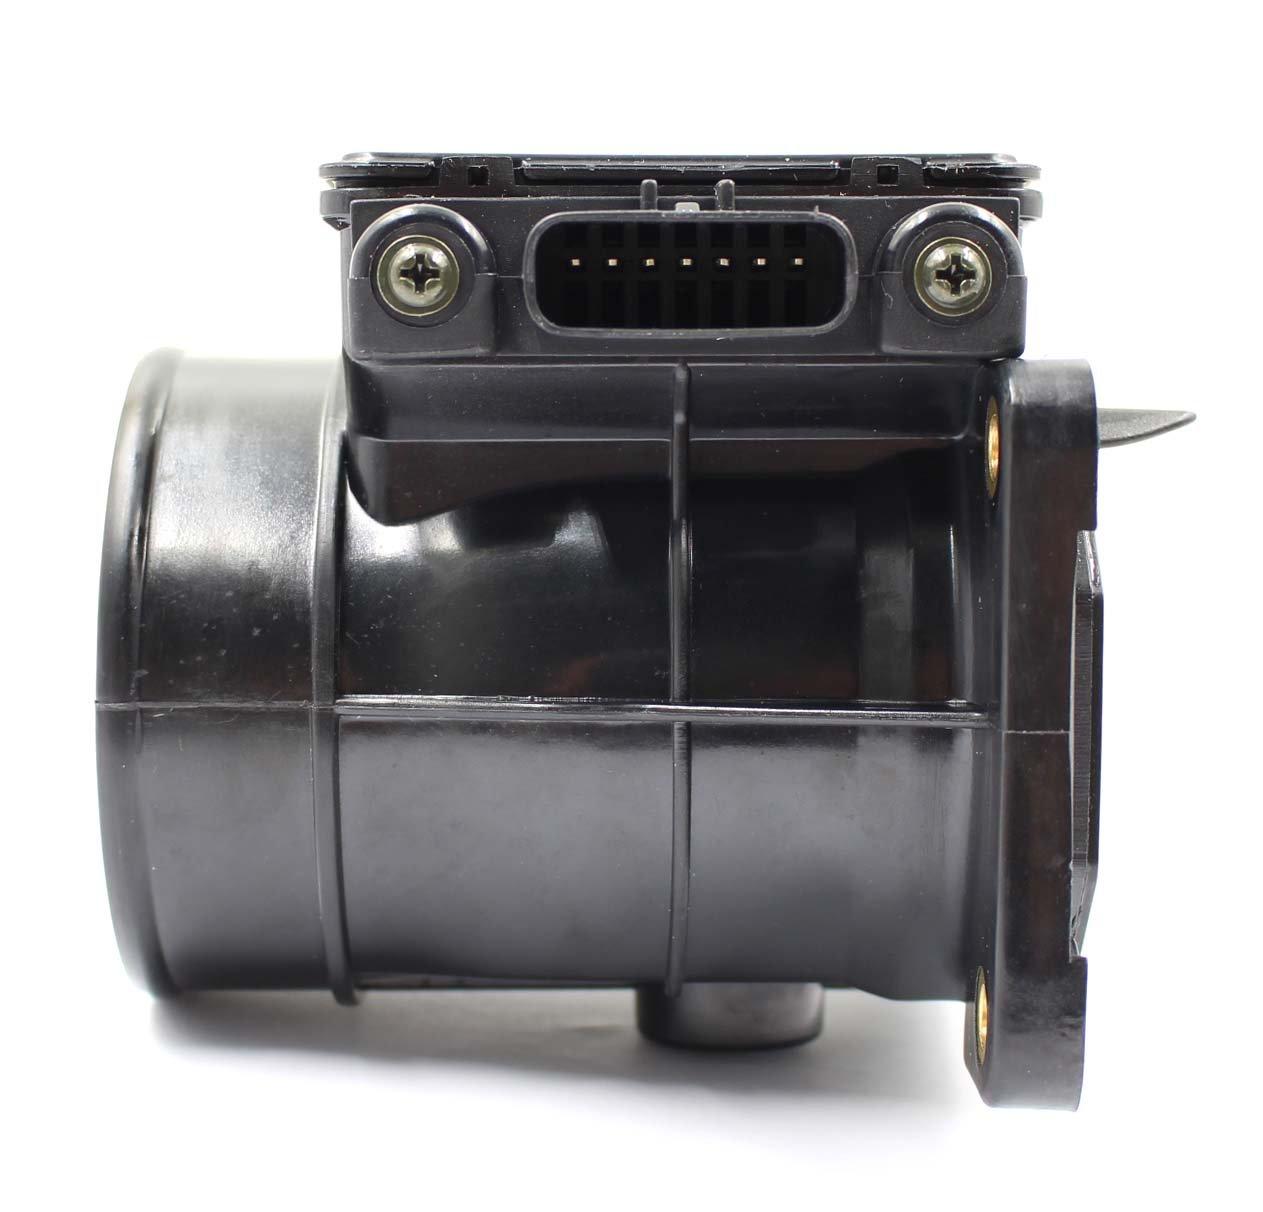 MOSTPLUS 234-9005 36531-PPA-305 Oxygen Sensor Upstream Air Fuel Ratio for 2002-2004 Honda Civic CR-V